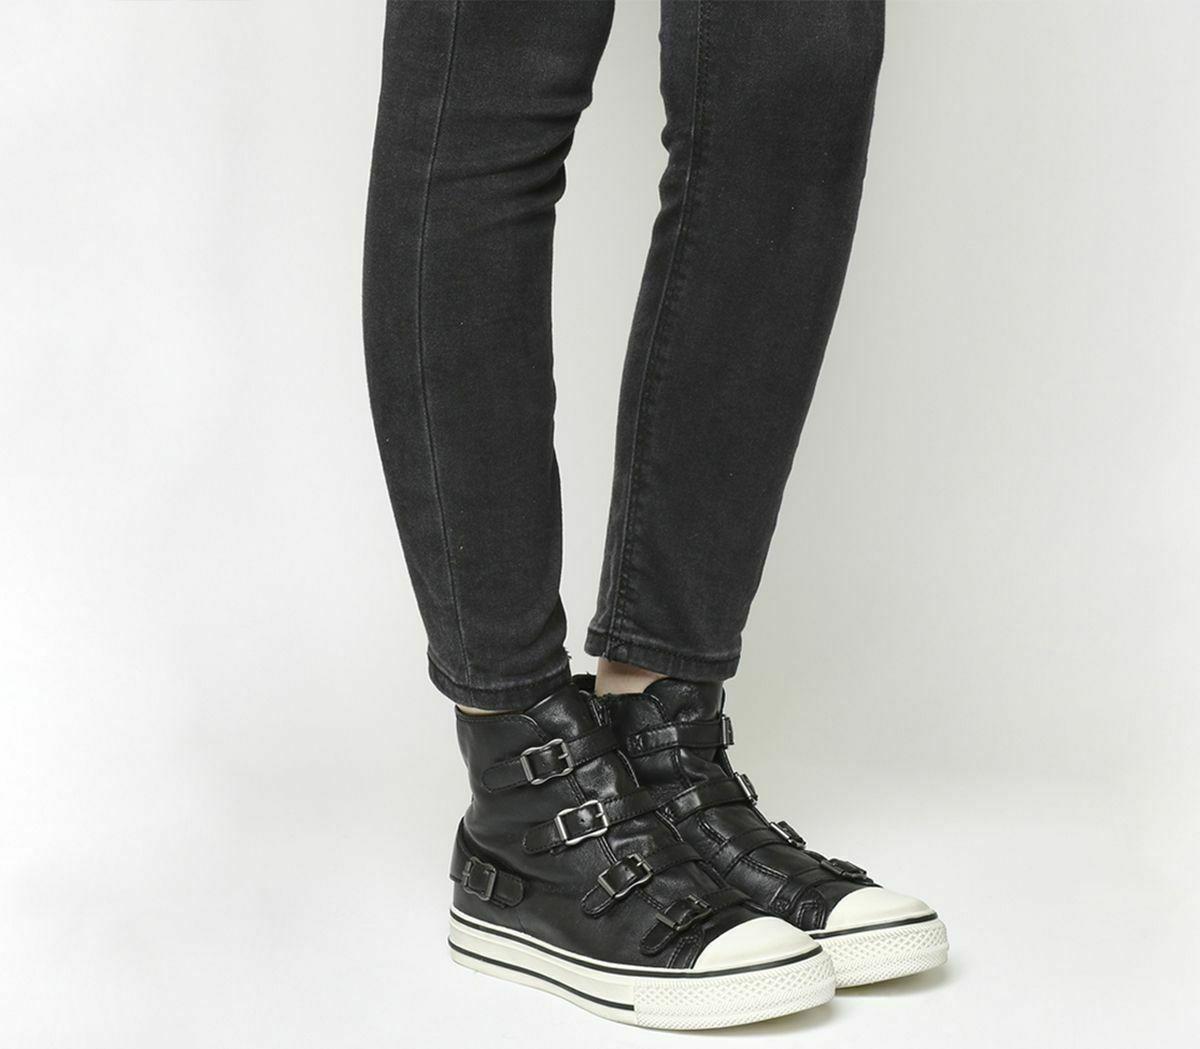 New $185 Ash Virgin Hi-Top Sneaker 39 / 9